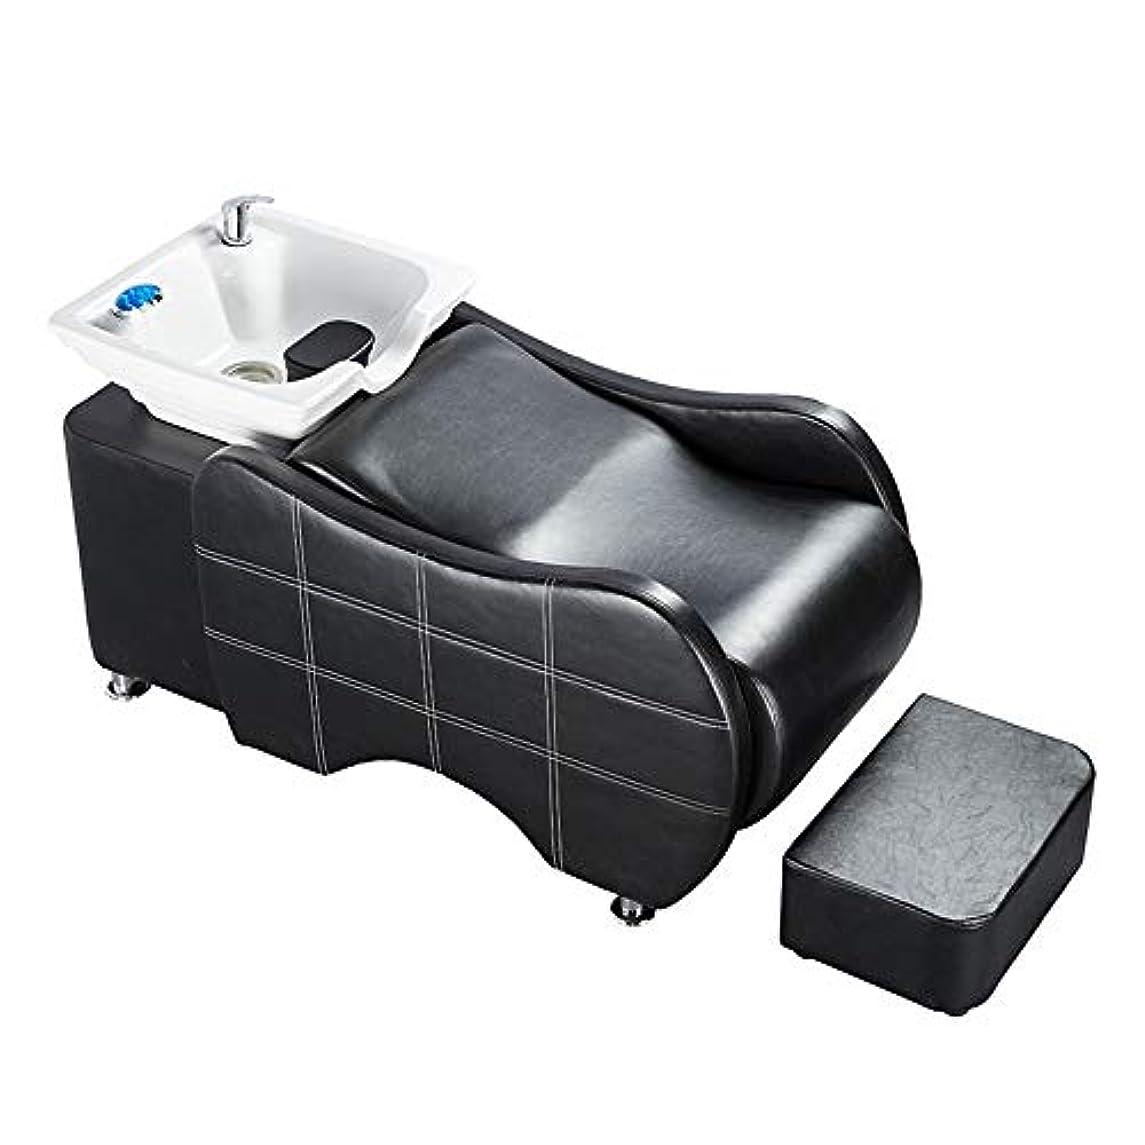 シャンプーの理髪師の逆洗の椅子、鉱泉の美容院のための陶磁器の洗面器の逆洗の単位のシャンプーボールの流しの椅子(黒)